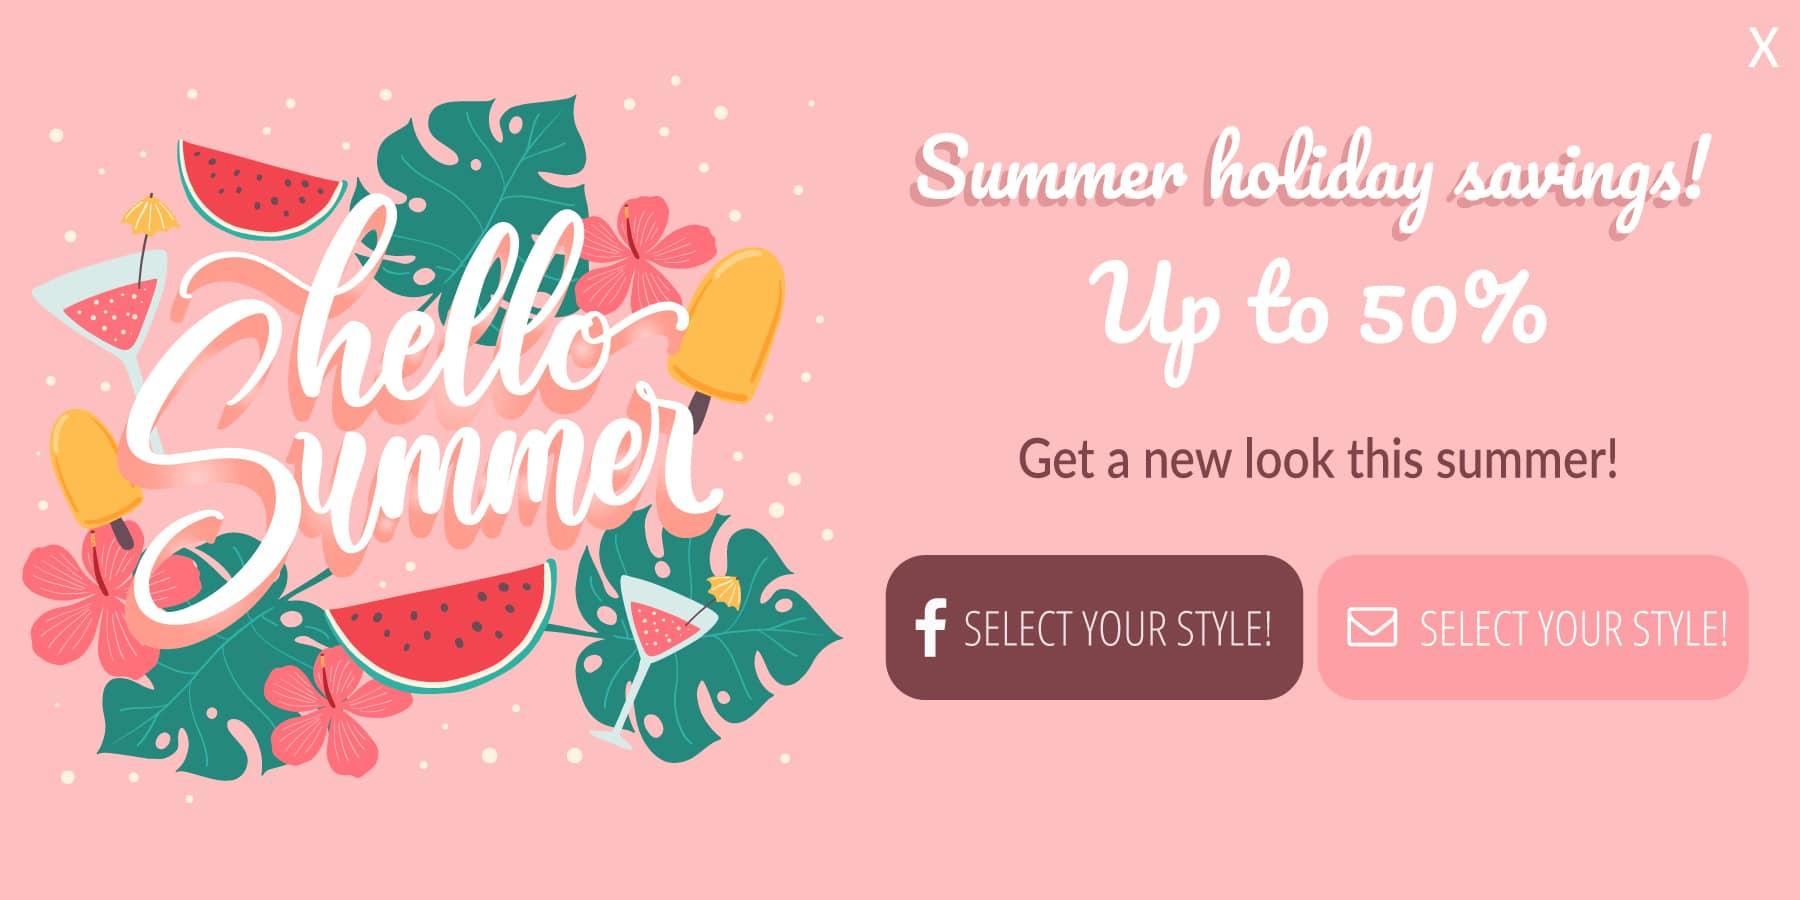 Summer holiday savings!